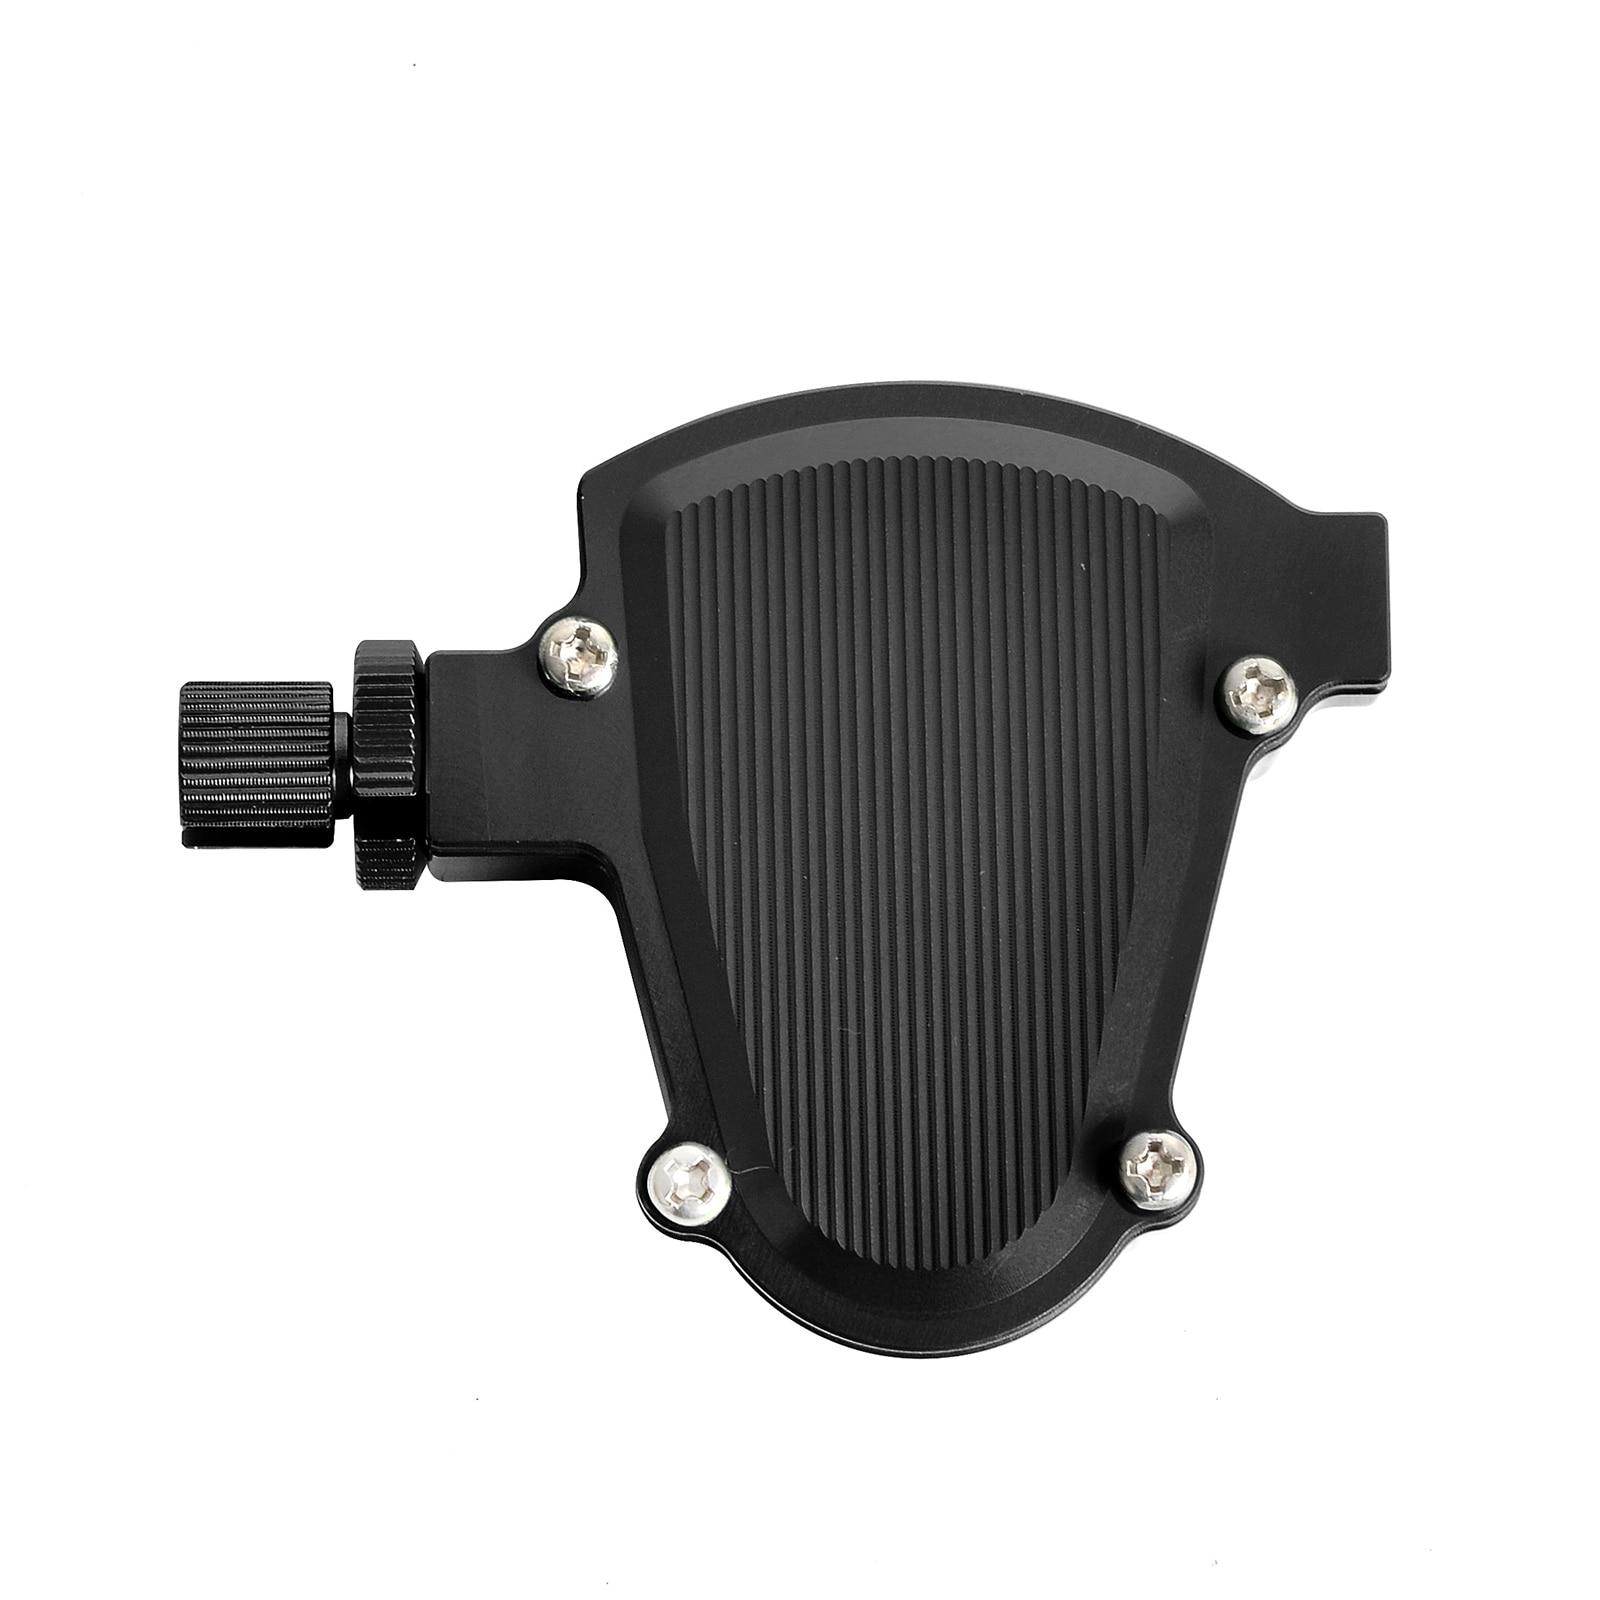 Sistema de cable de tracción fácil de la motocicleta Stunt Clutch - Accesorios y repuestos para motocicletas - foto 4